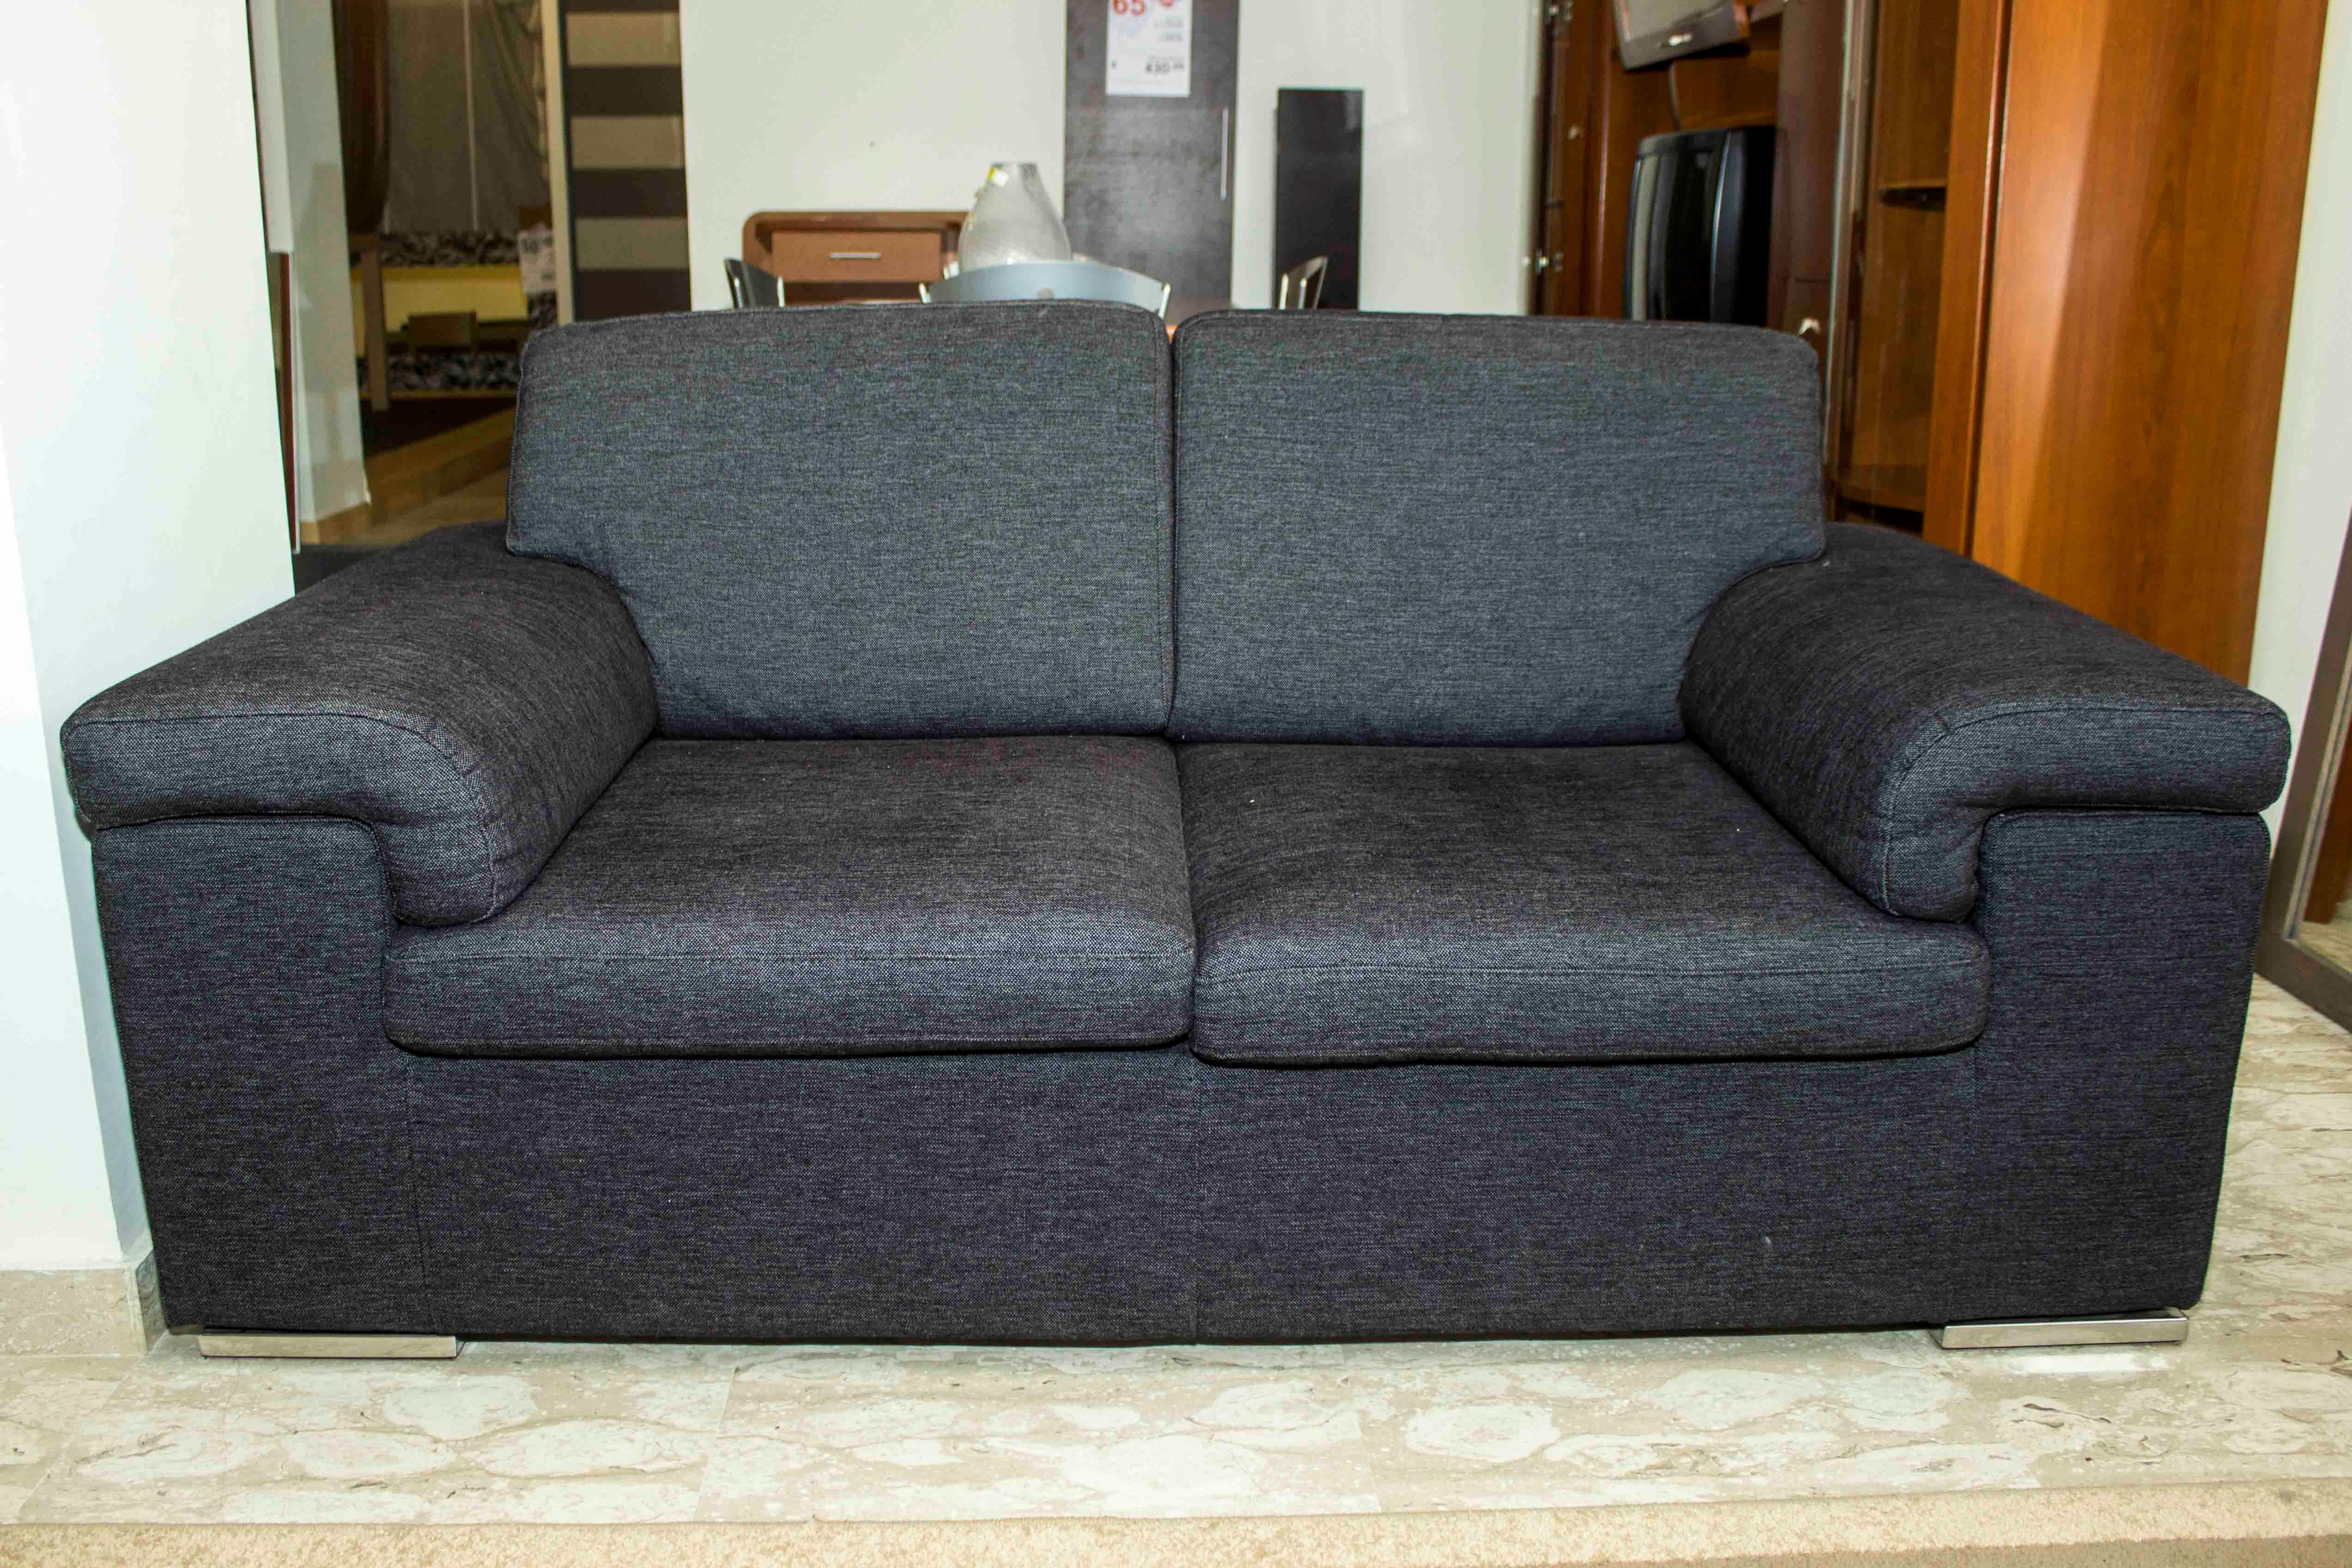 Pandolfi divano due posti scontato del 61 divani a - Divano due posti economico ...